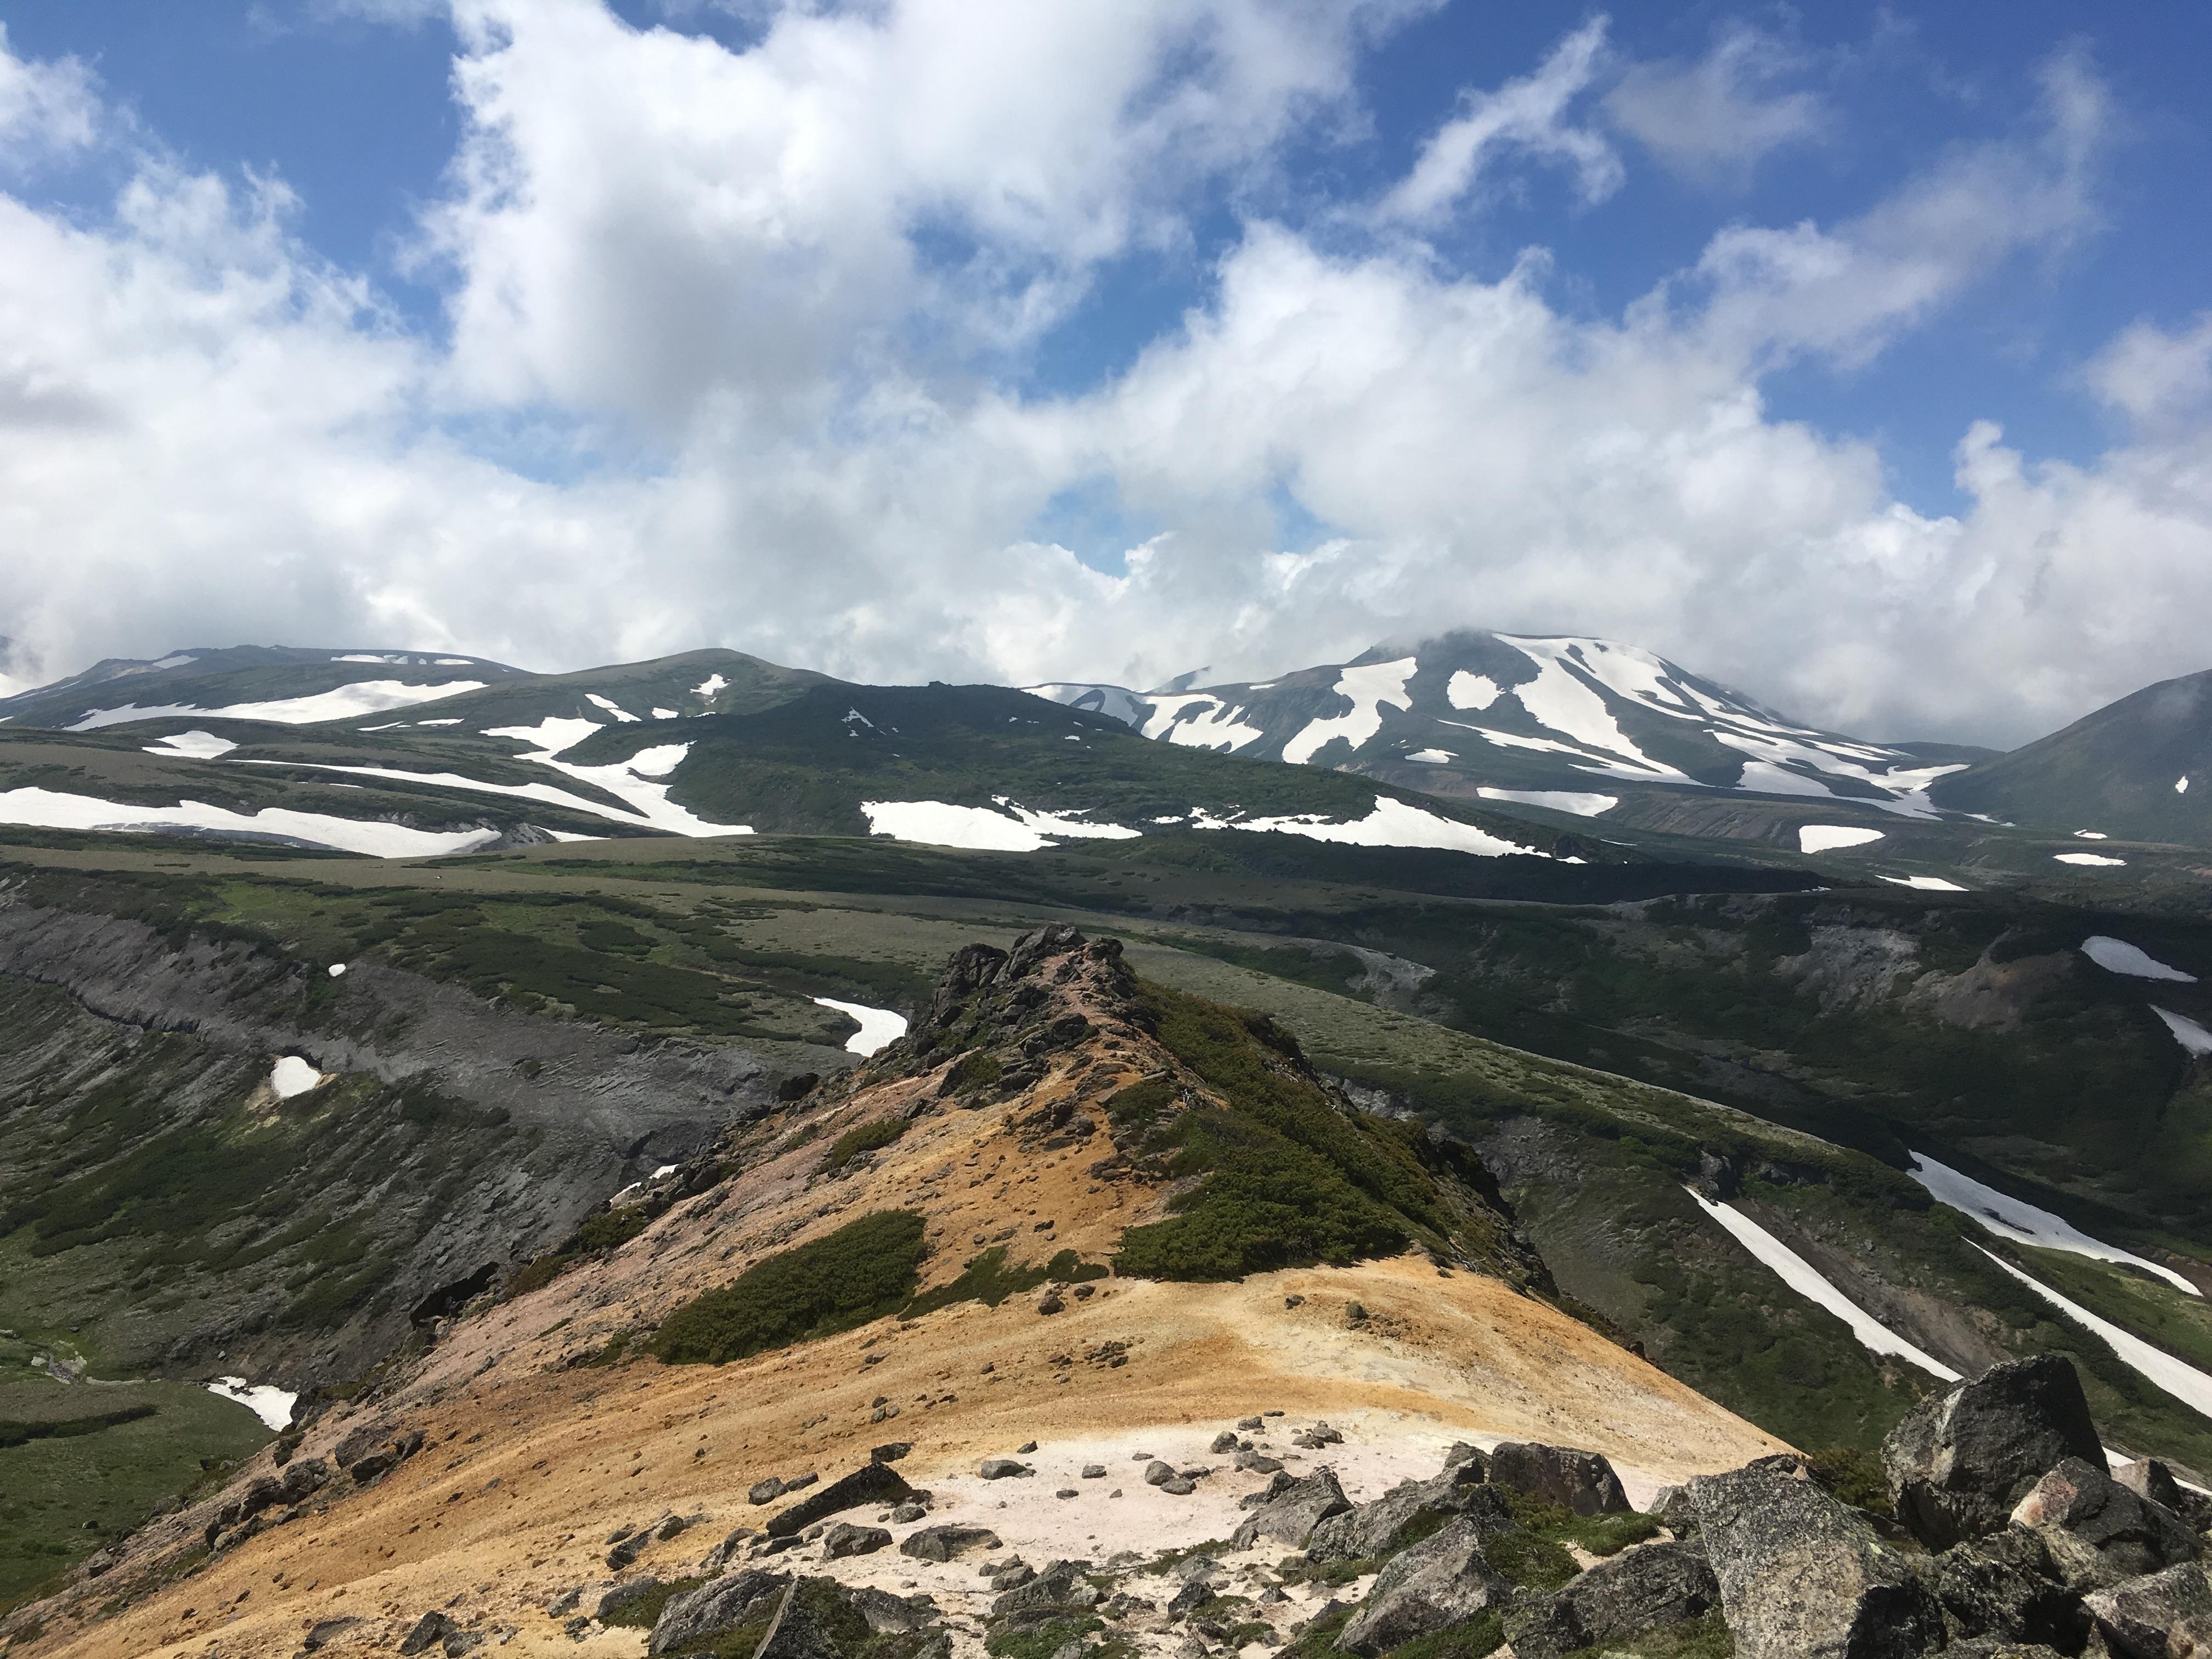 2019/07/07  大雪山「赤岳」